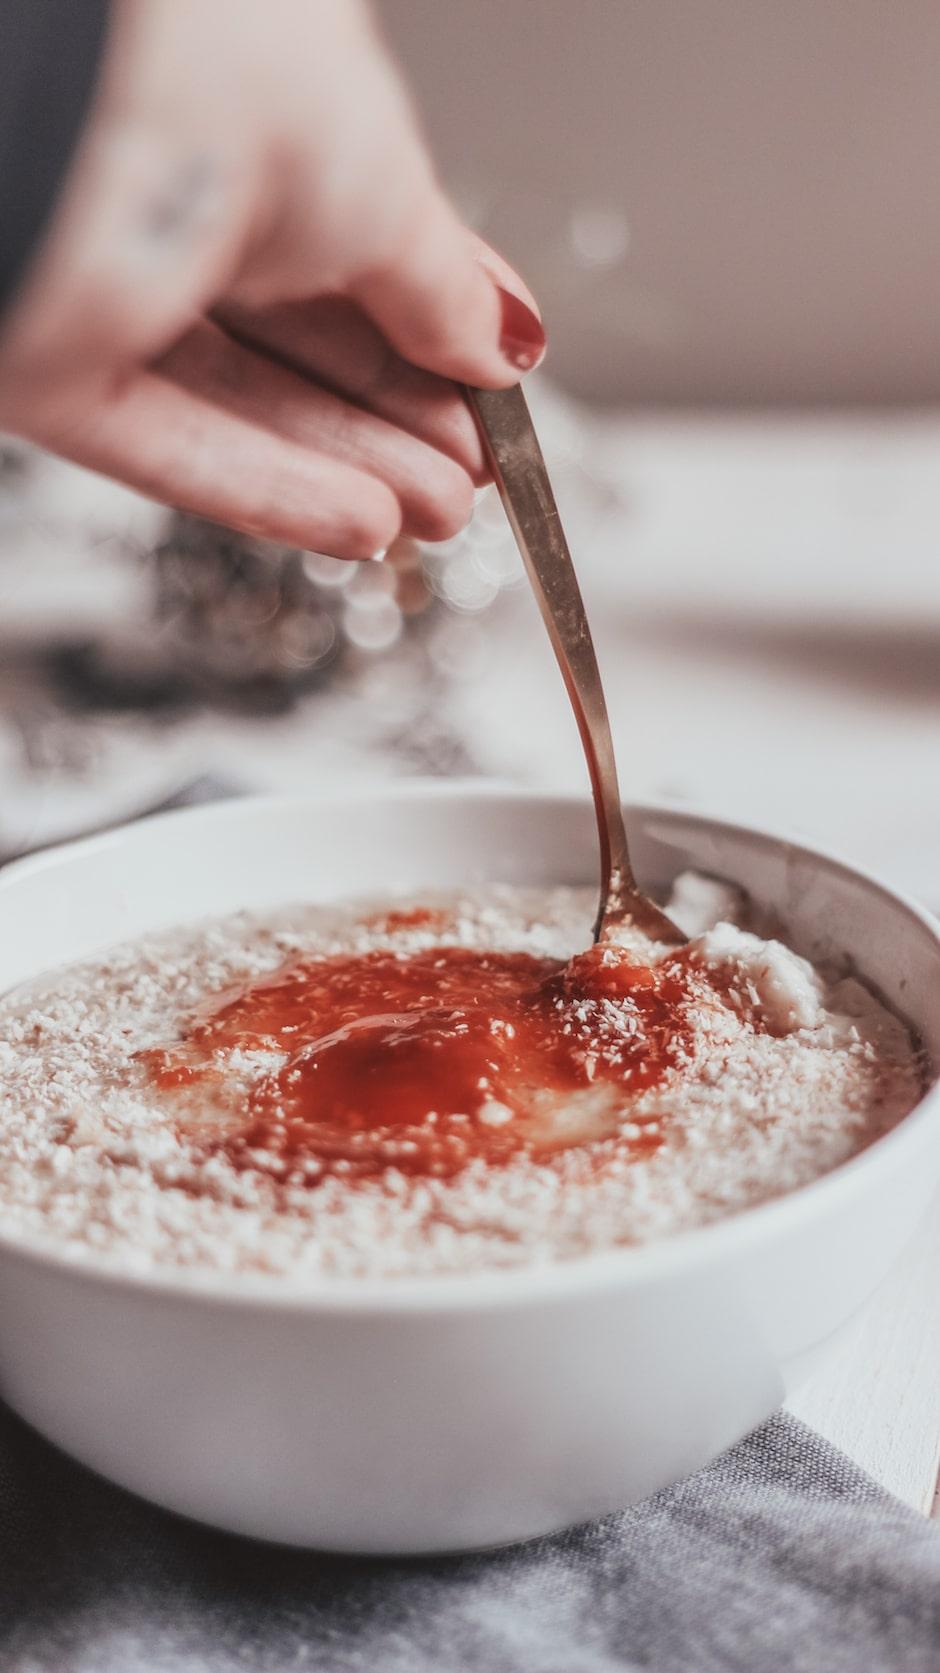 Le porridge à la noix de coco c'est le petit-déjeuner par excellence, complet et rassasiant et la coco pour le côté crémeux et savoureux.